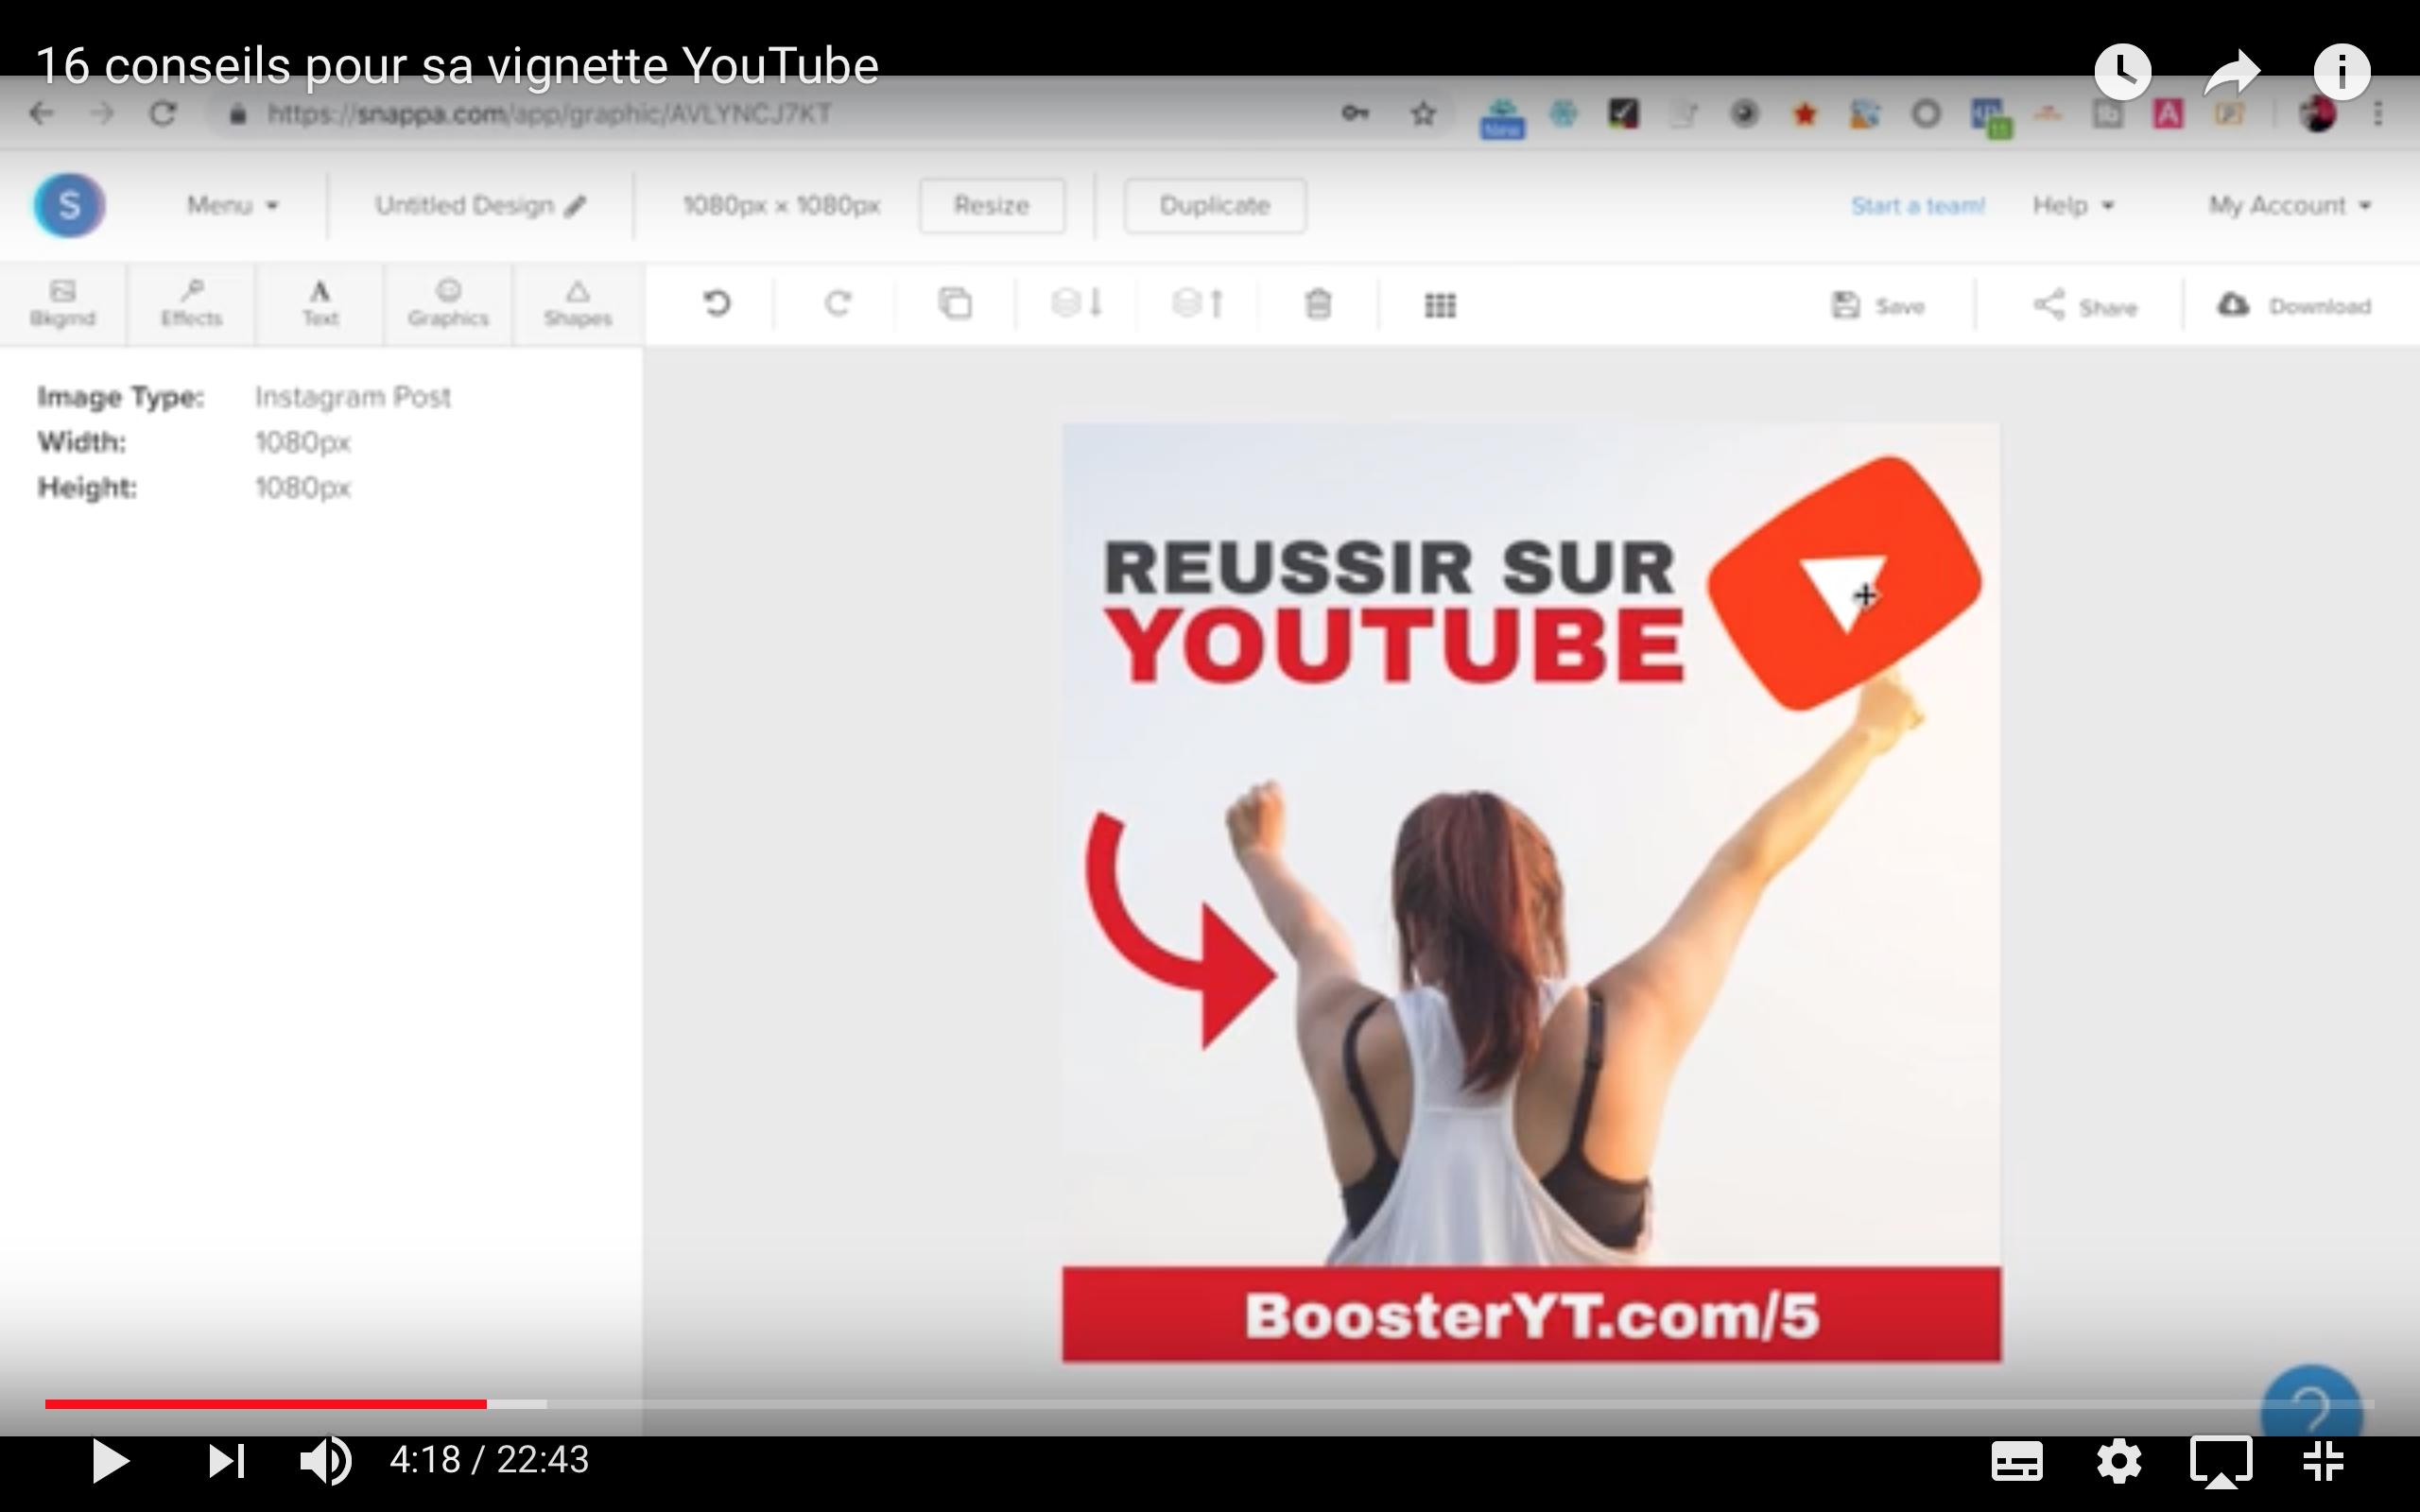 astuce à savoir pour créer une vignette youtube